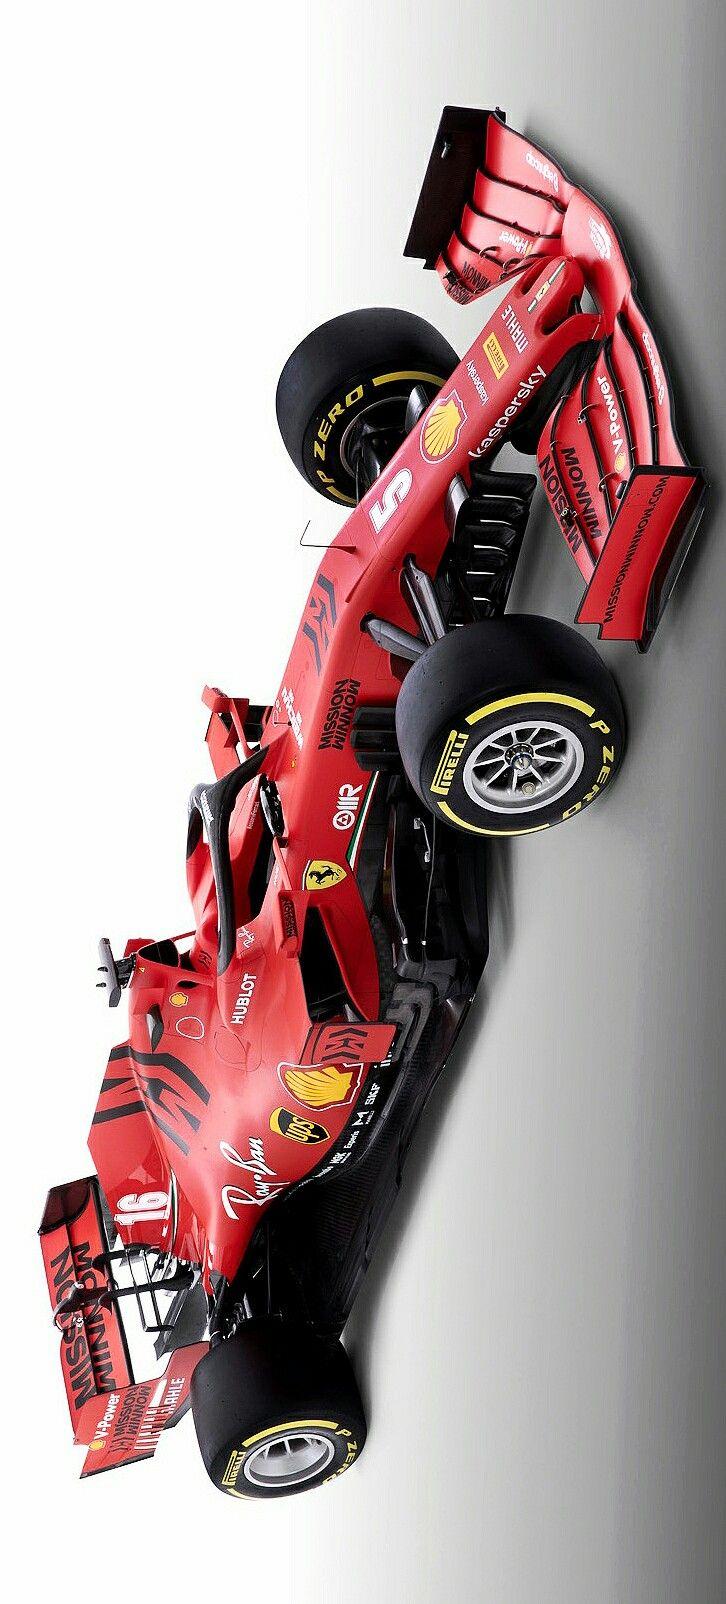 2020 Scuderia Ferrari Sf1000 Formula 1 Image Enhancements By Keely Vonmonski Em 2020 Formula Um Automobilismo Auto